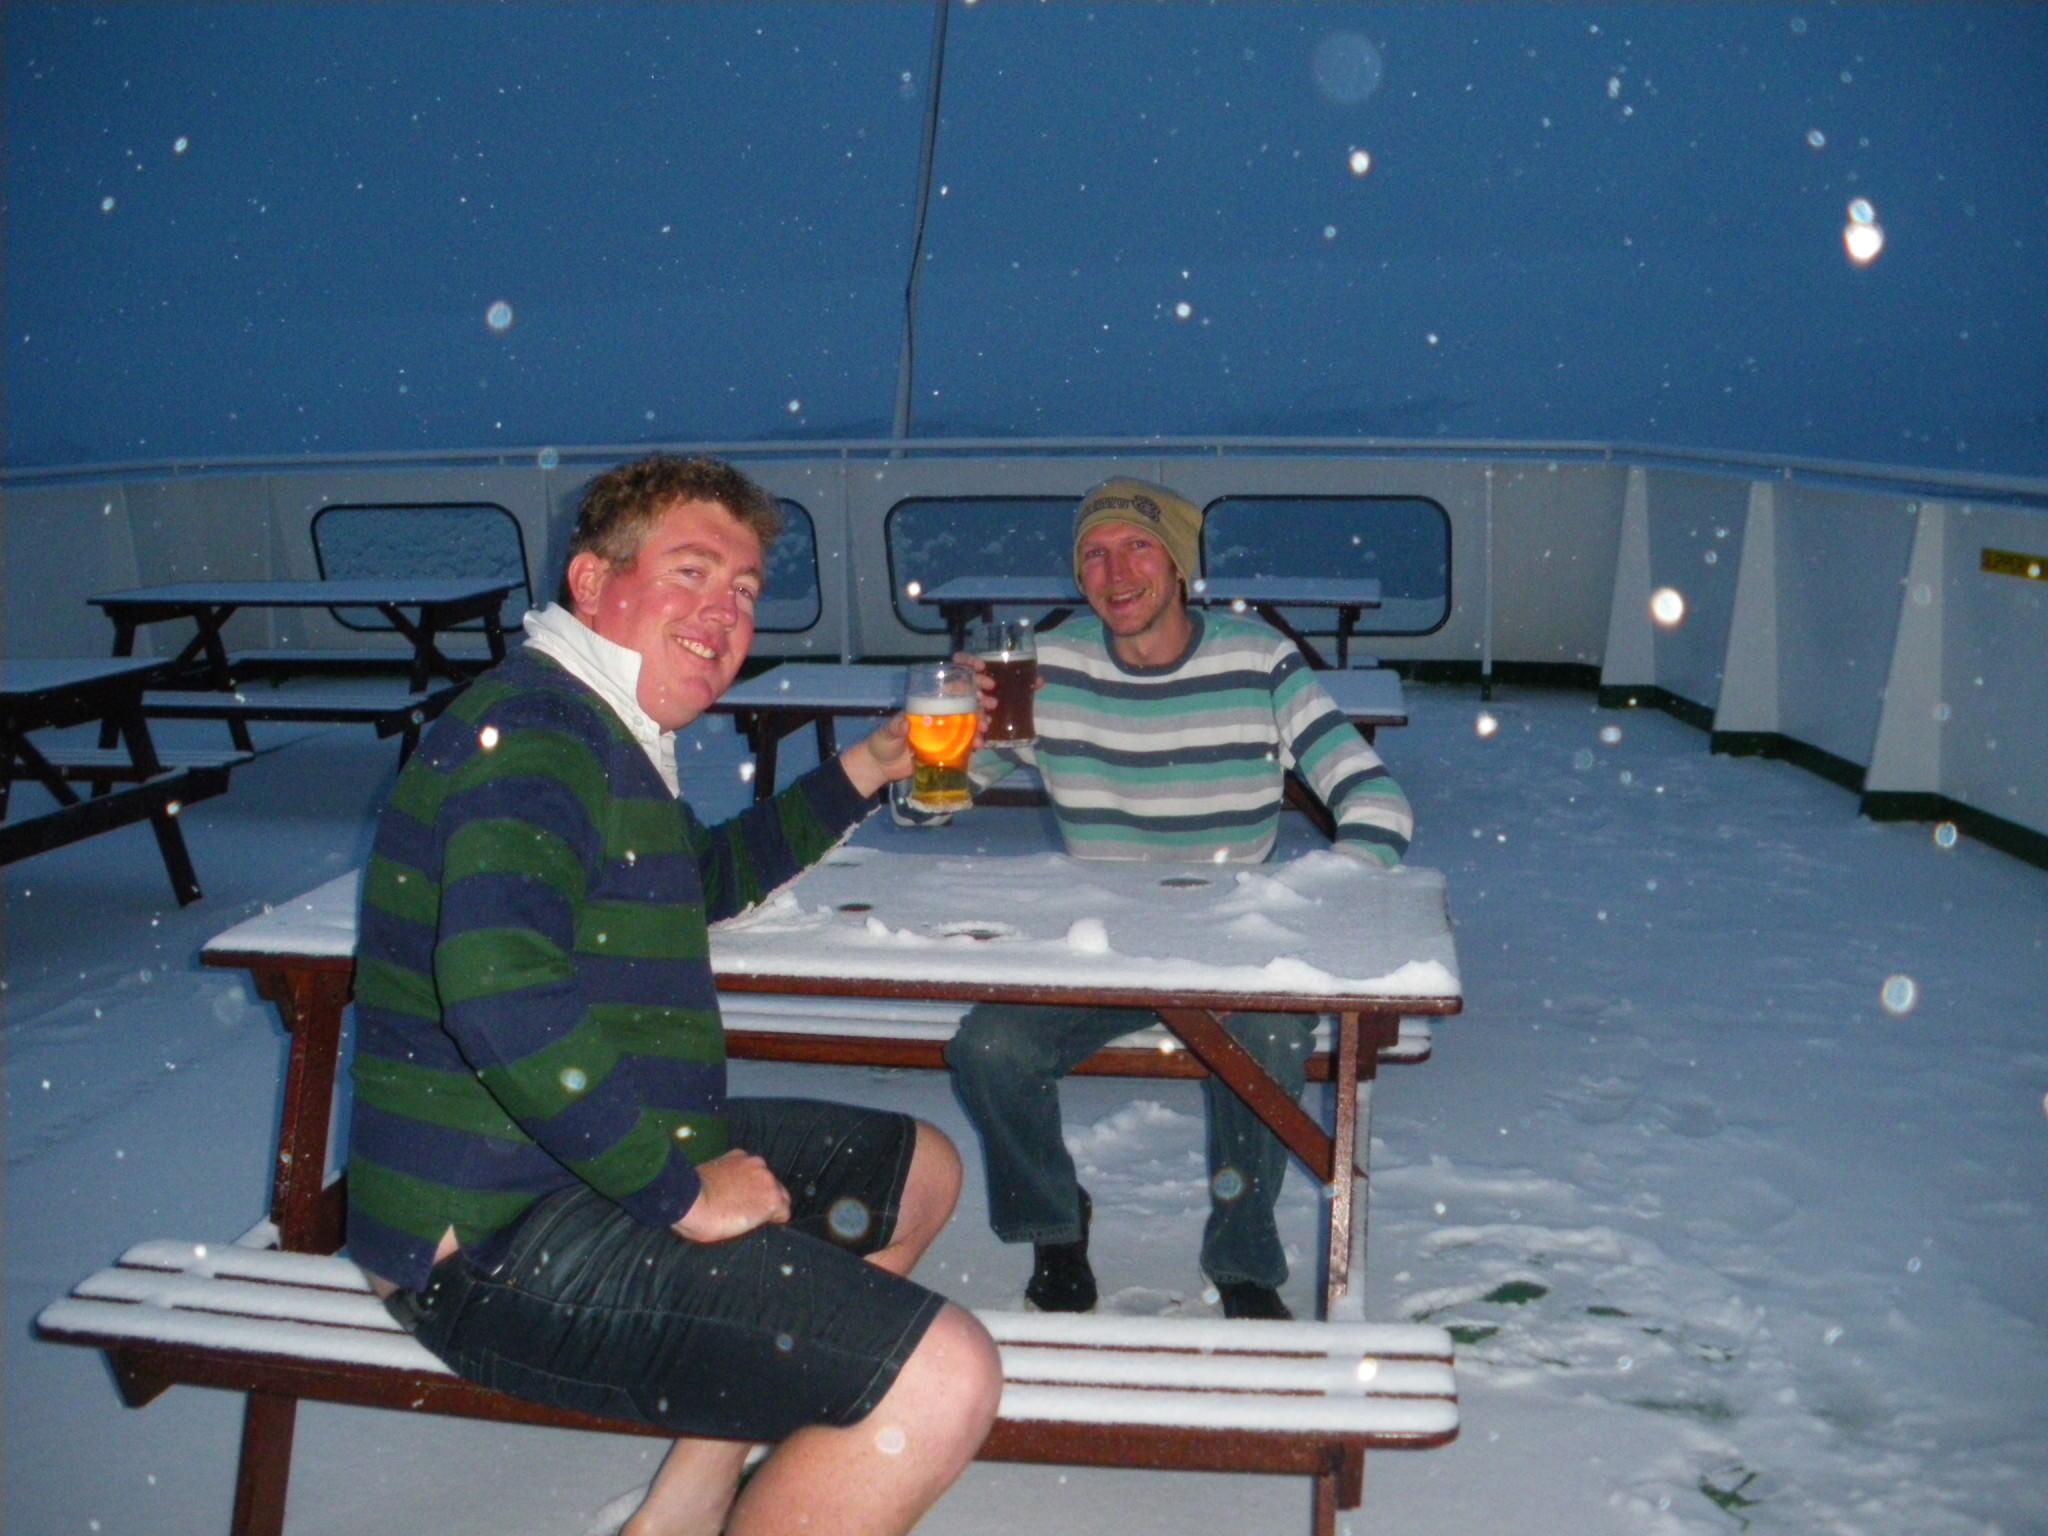 drinking beer in Antarctica